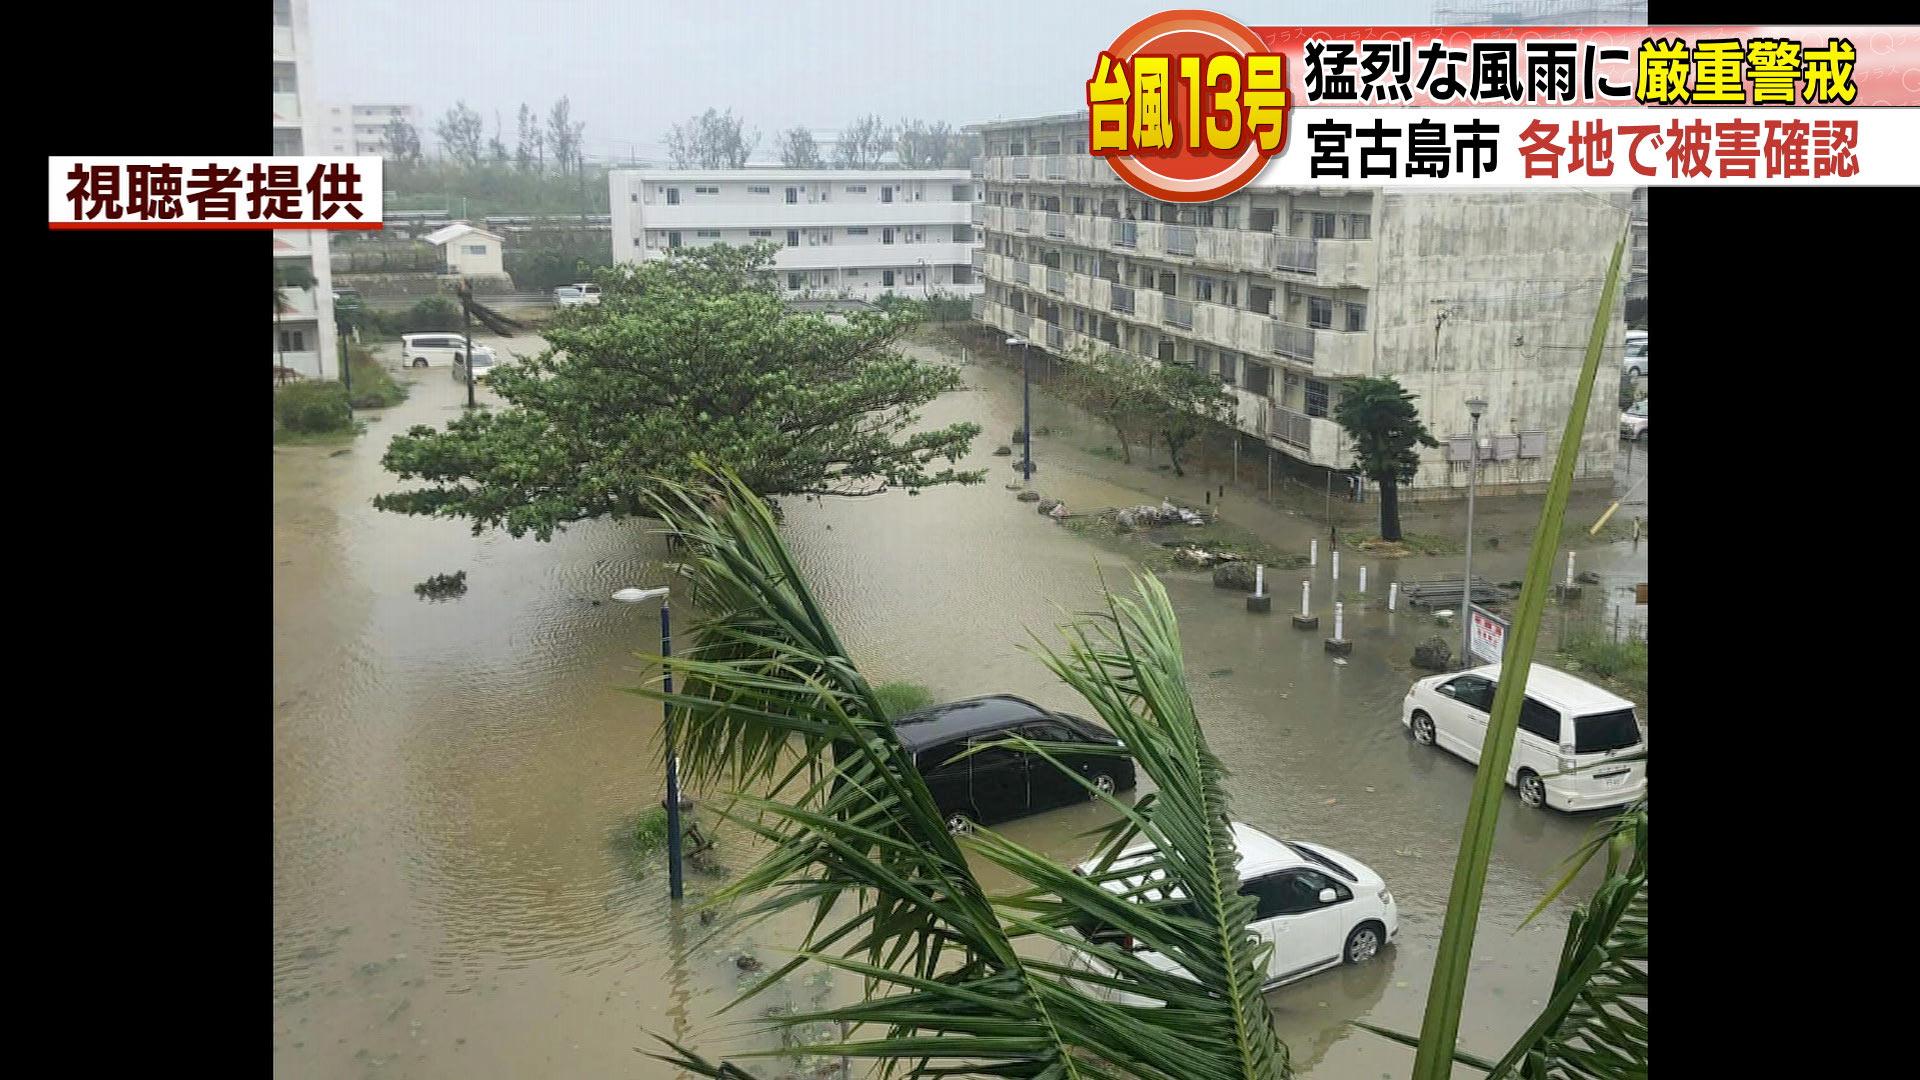 台風13号 猛烈な風宮古島で被害